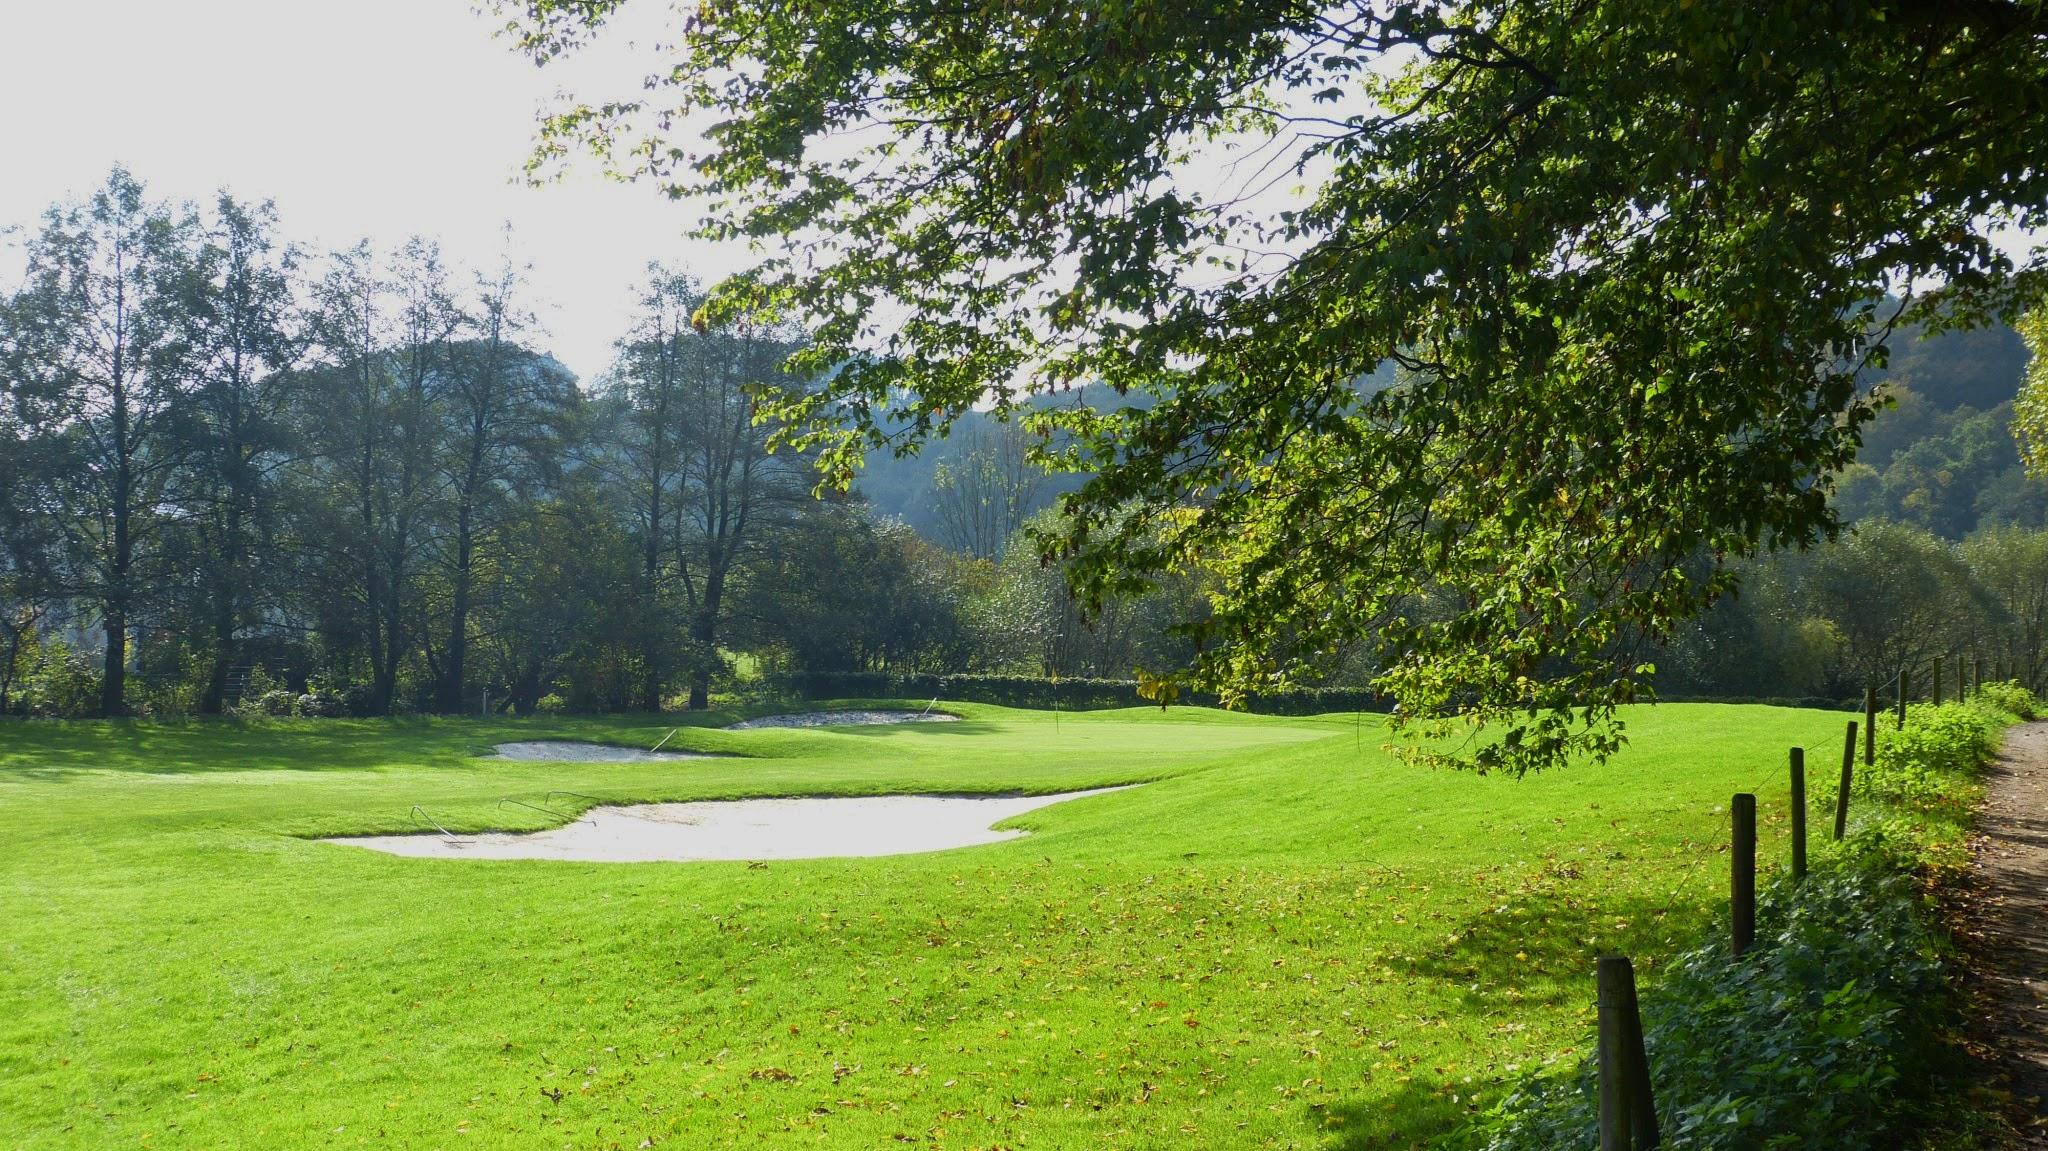 Golfplatz - Grün13